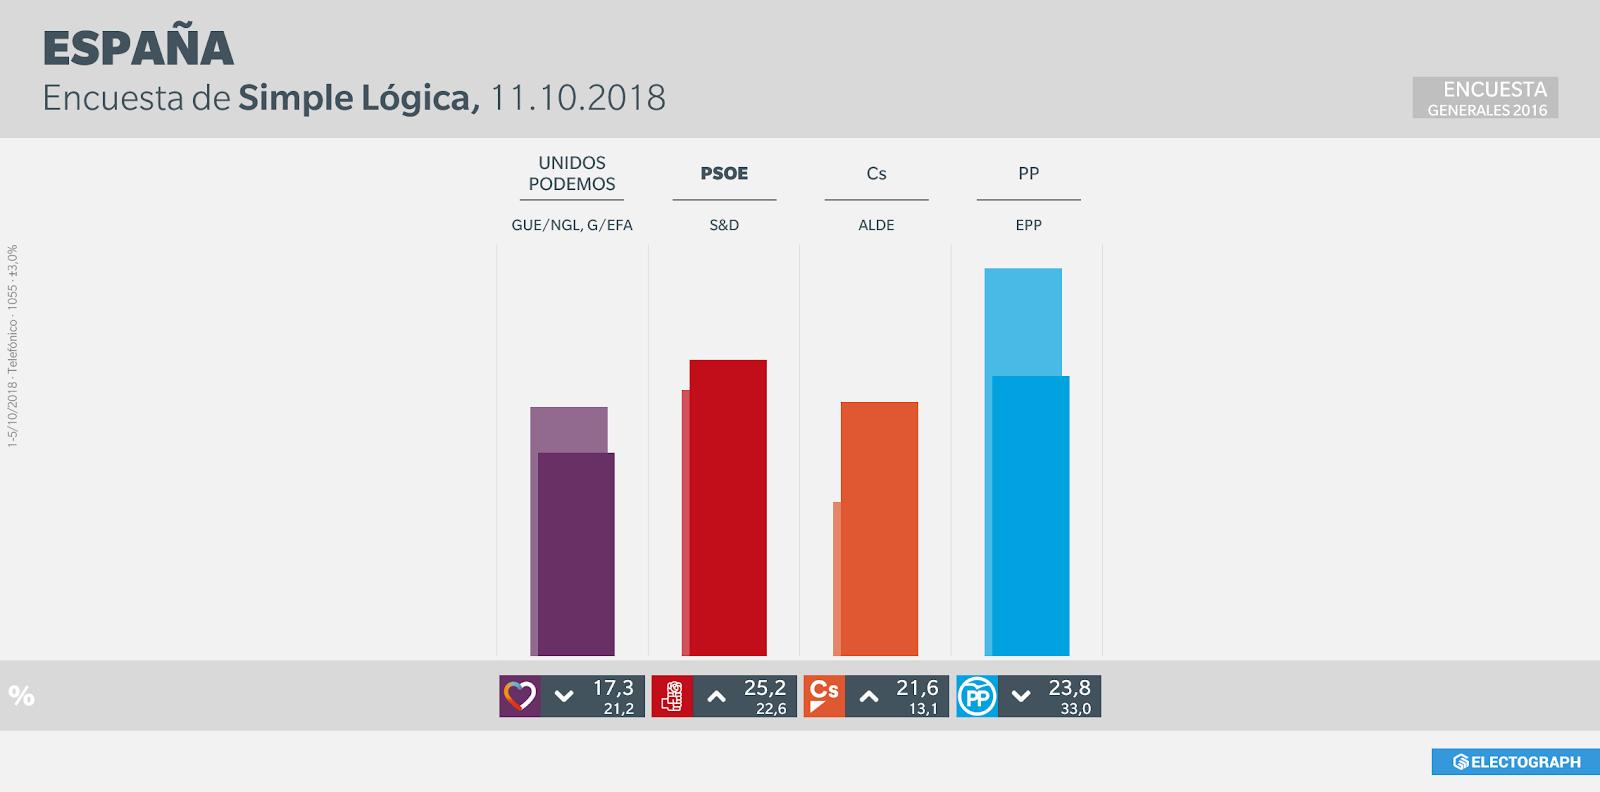 Gráfico de la encuesta para elecciones generales en España realizada por Simple Lógica en octubre de 2018